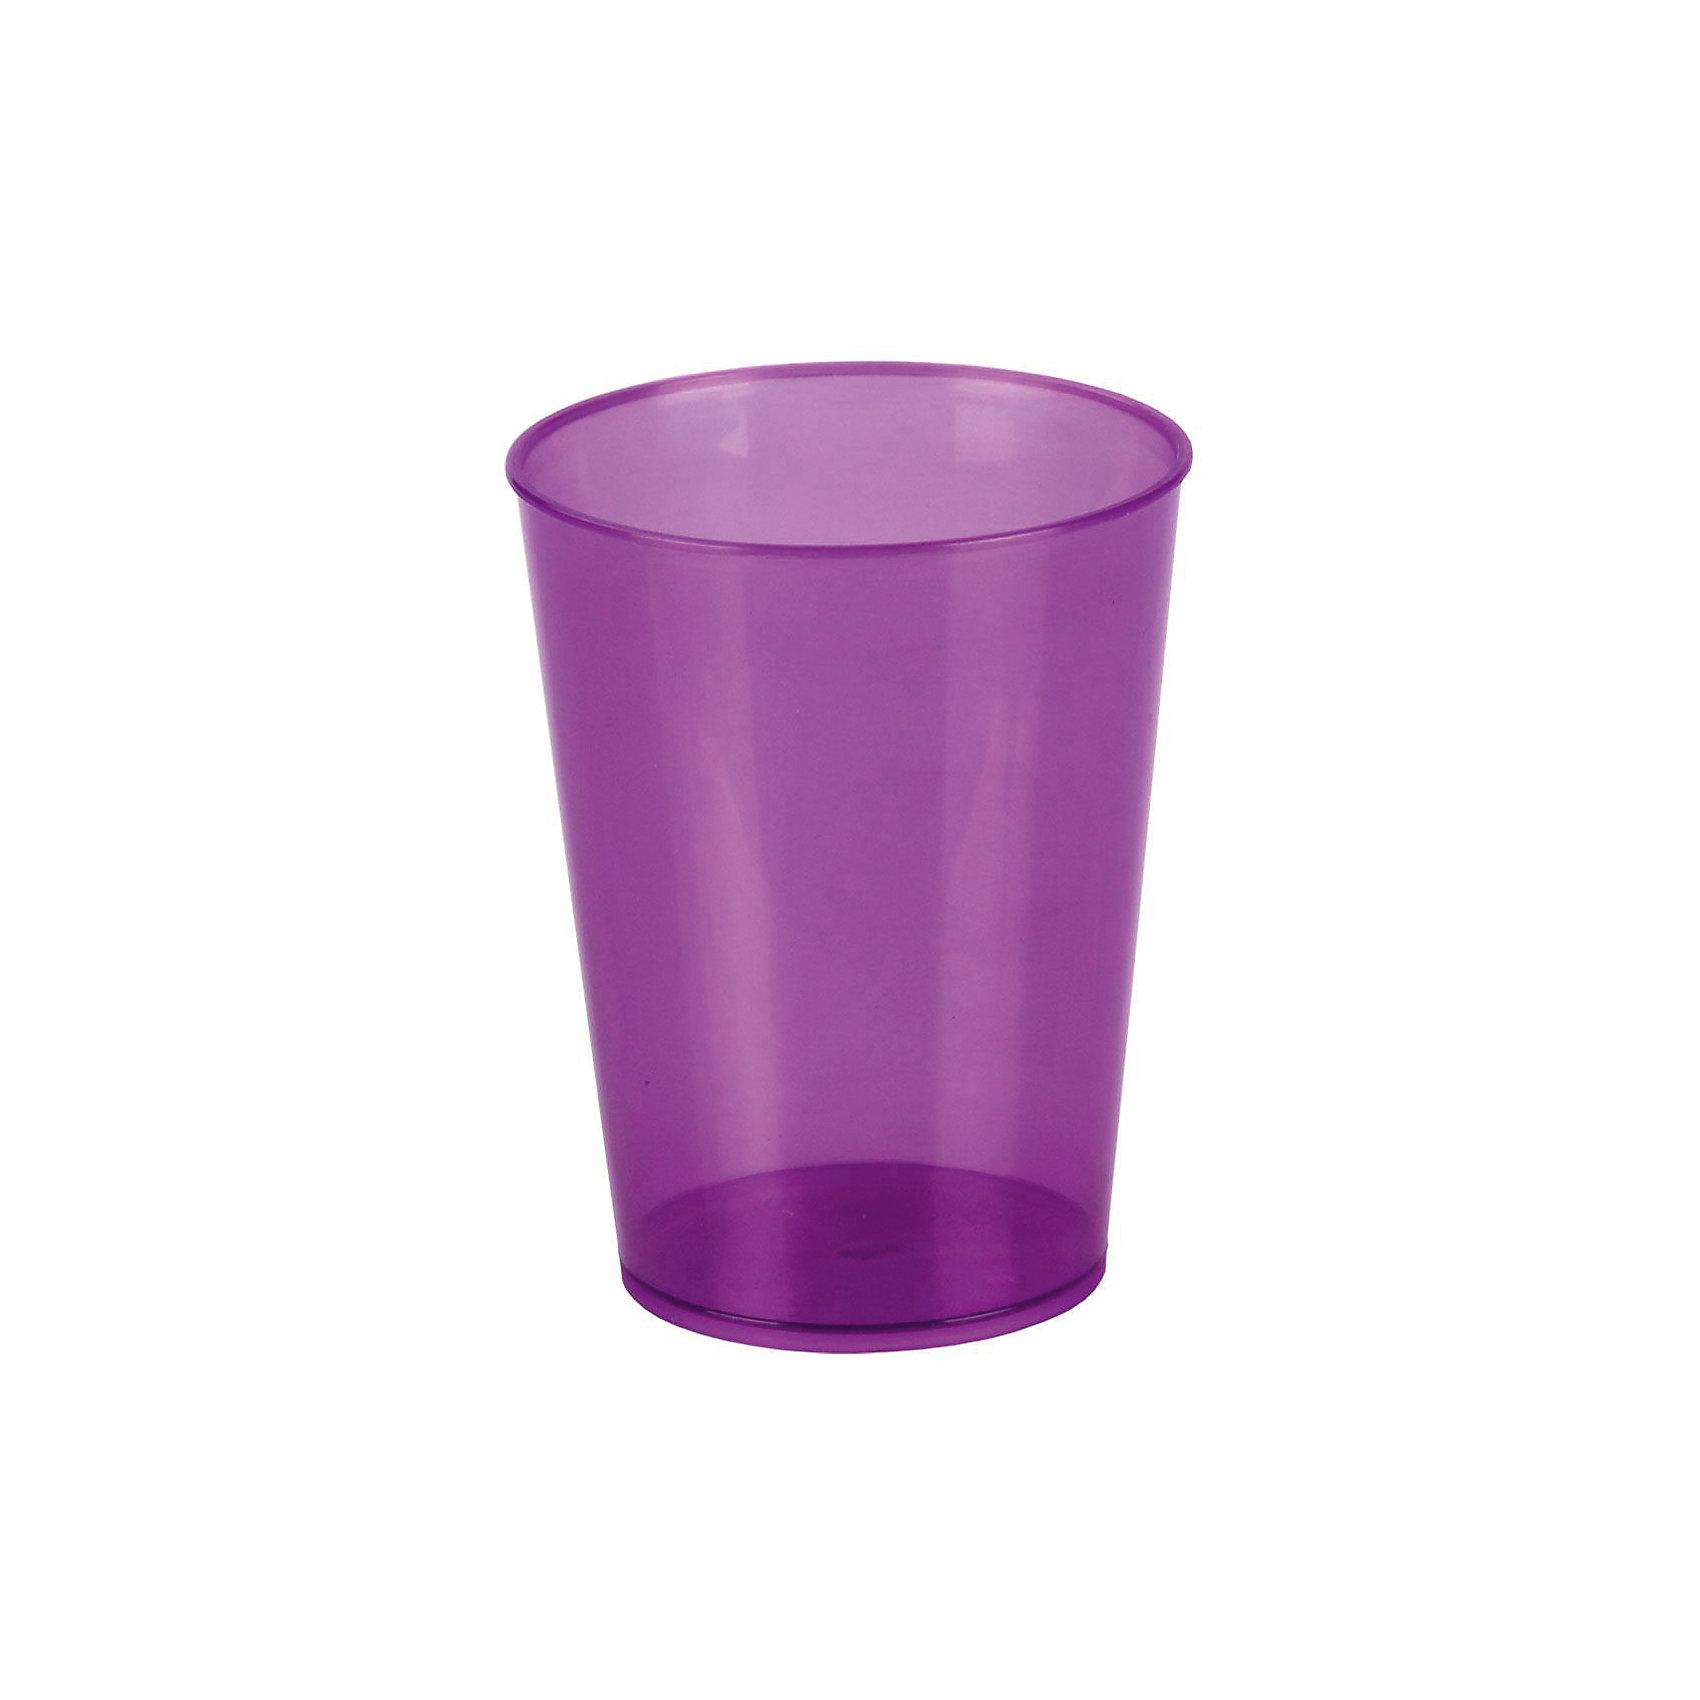 Стакан 350мл, Alternativa, фиолетовыйХарактеристики:<br><br>• Предназначение: для пищевых продуктов, для хранения зубных щеток, карандашей<br>• Материал: пластик<br>• Цвет: фиолетовый <br>• Размер (Д*Ш*В):  8*8*10,5 см<br>• Объем: 350 мл<br>• Особенности ухода: разрешается мыть<br><br>Стакан 350 мл, Alternativa, фиолетовый изготовлен отечественным производителем ООО ЗПИ Альтернатива, который специализируется на выпуске широкого спектра изделий и предметов мебели из пластика. Стакан выполнен из экологически безопасного пищевого пластика, устойчивого к механическим повреждениям и изменению цвета. Стакан можно использовать для холодных напитков, для хранения карандашей, фломастеров или в качестве подставки для зубных щеток, кроме того, он подойдет в качестве мерной емкости для жидкостей и сыпучих продуктов. Изделие имеет компактный размер и легкий вес, поэтому его удобно брать с собой на природу и дачу. <br><br>Стакан 350 мл, Alternativa, фиолетовый можно купить в нашем интернет-магазине.<br><br>Ширина мм: 80<br>Глубина мм: 80<br>Высота мм: 105<br>Вес г: 22<br>Возраст от месяцев: 36<br>Возраст до месяцев: 84<br>Пол: Женский<br>Возраст: Детский<br>SKU: 5096686